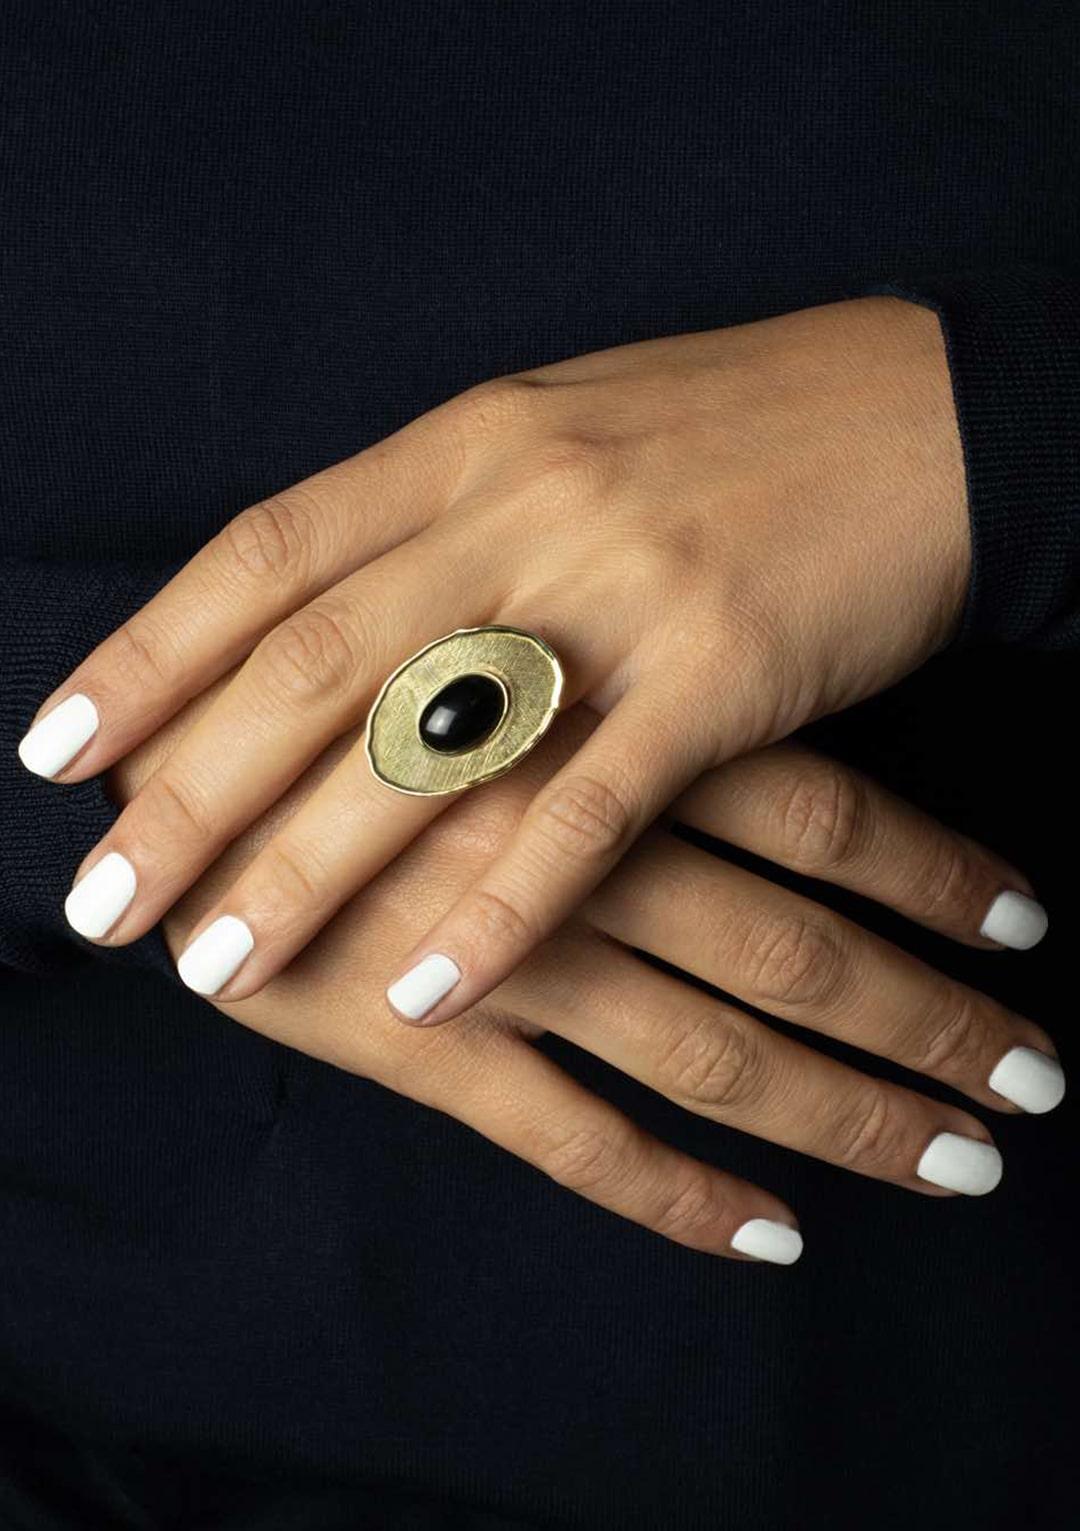 Bague réglable I cabochon d'Agate noire I argent massif doré à l'or 18 carats I Elliade Paris I vue portée I Label AÉ Paris